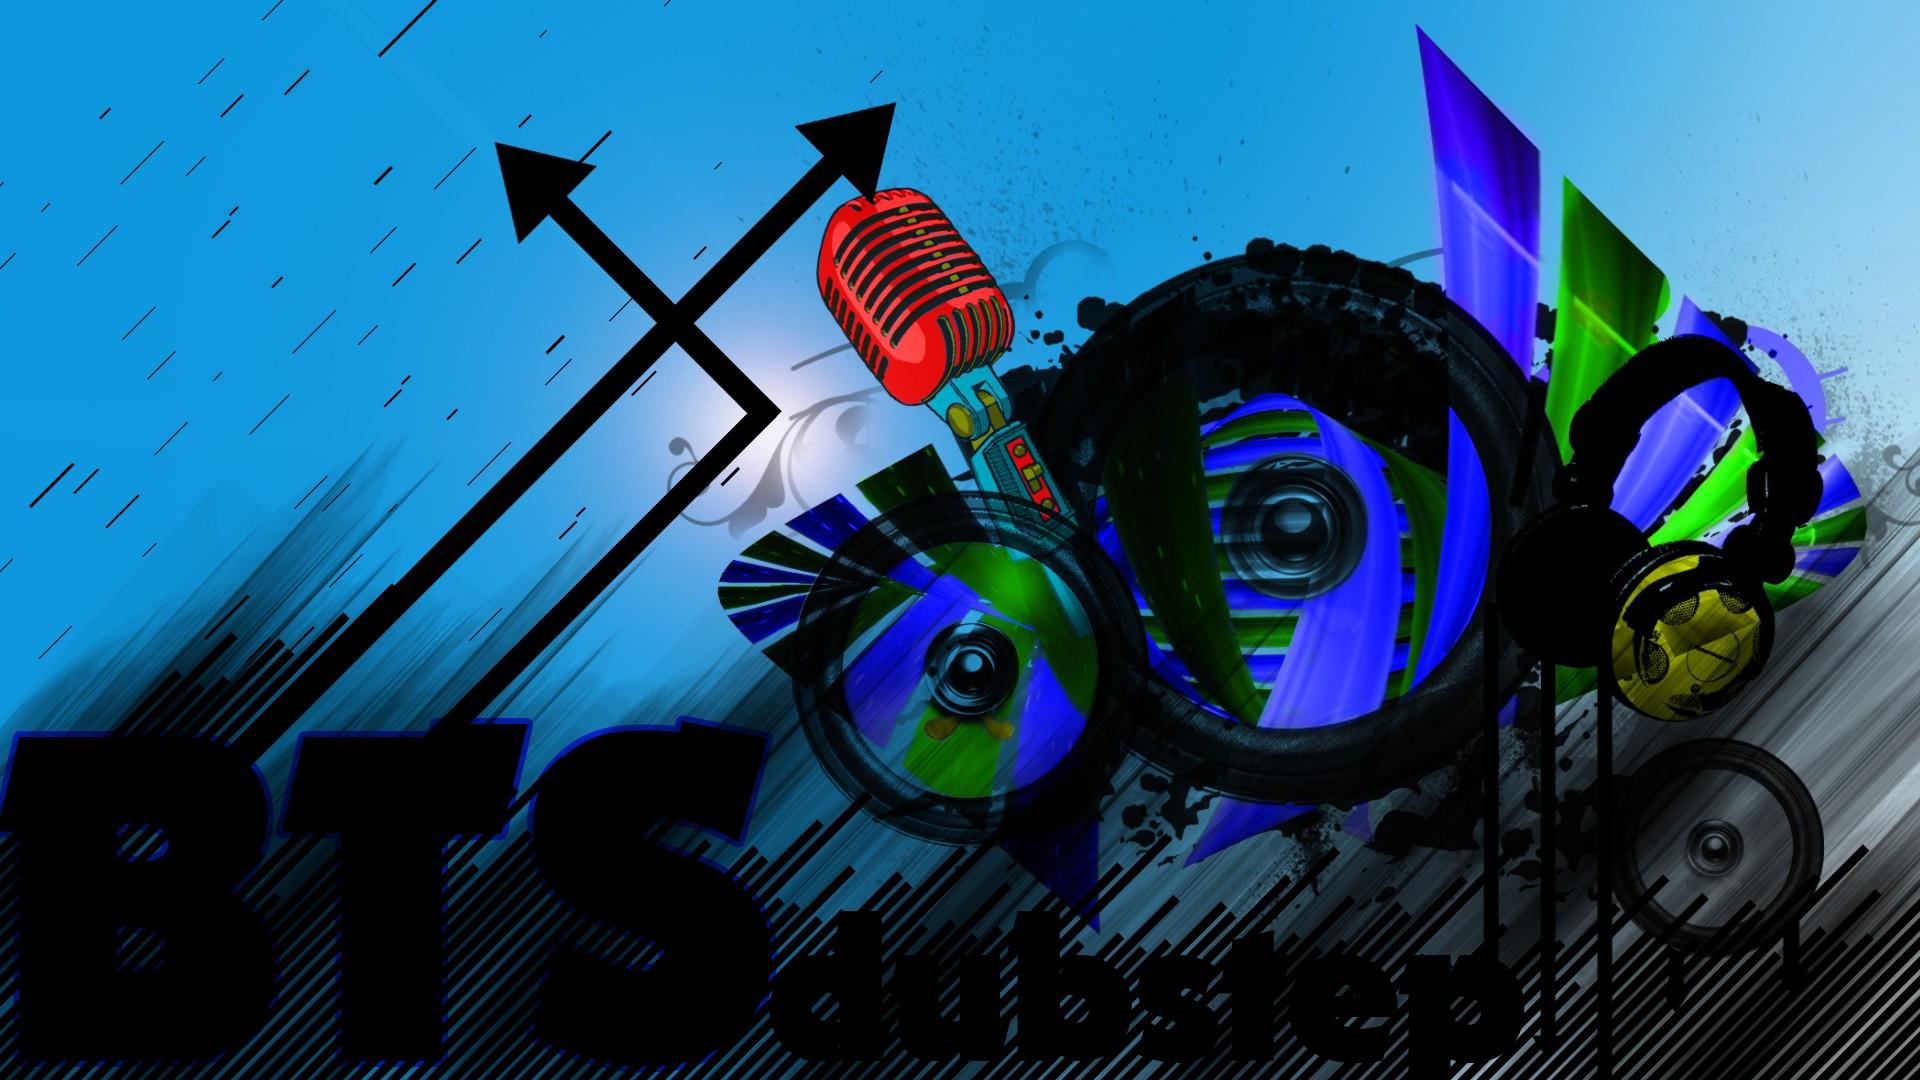 графика dubstep музыка  № 2880832 загрузить